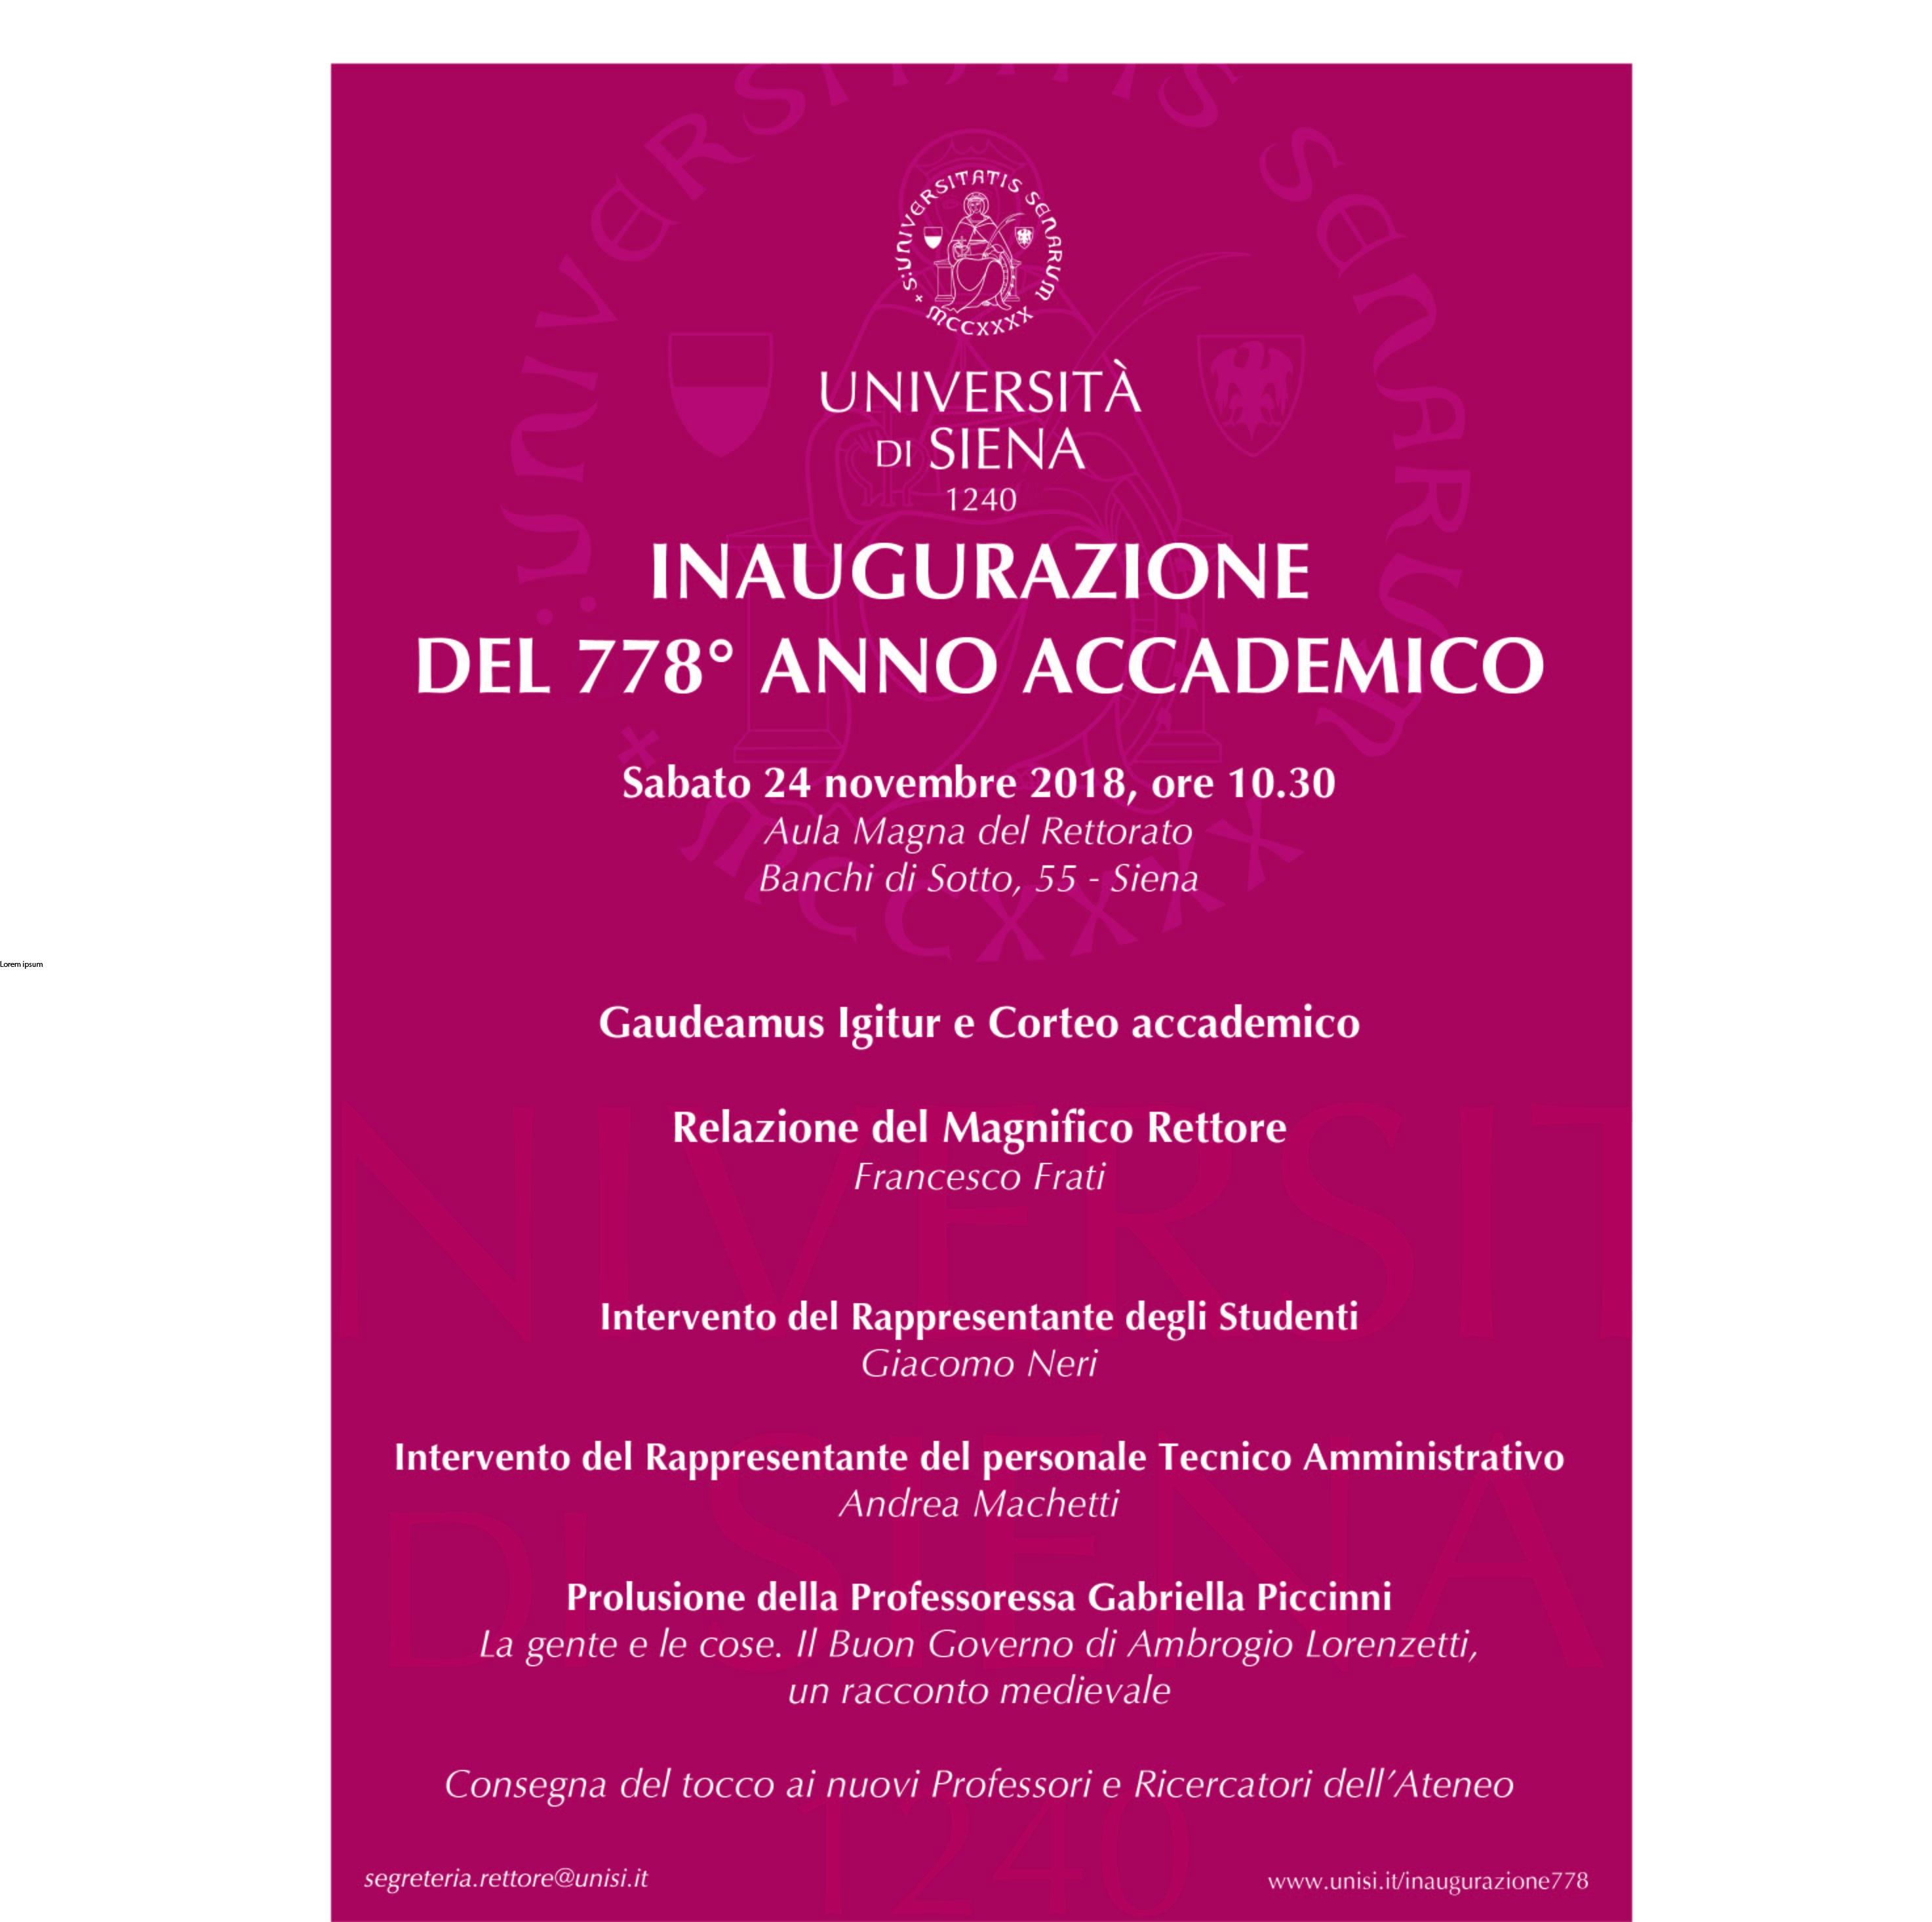 Unito Calendario Accademico.Inaugurazione Del 778 Anno Accademico Universita Degli